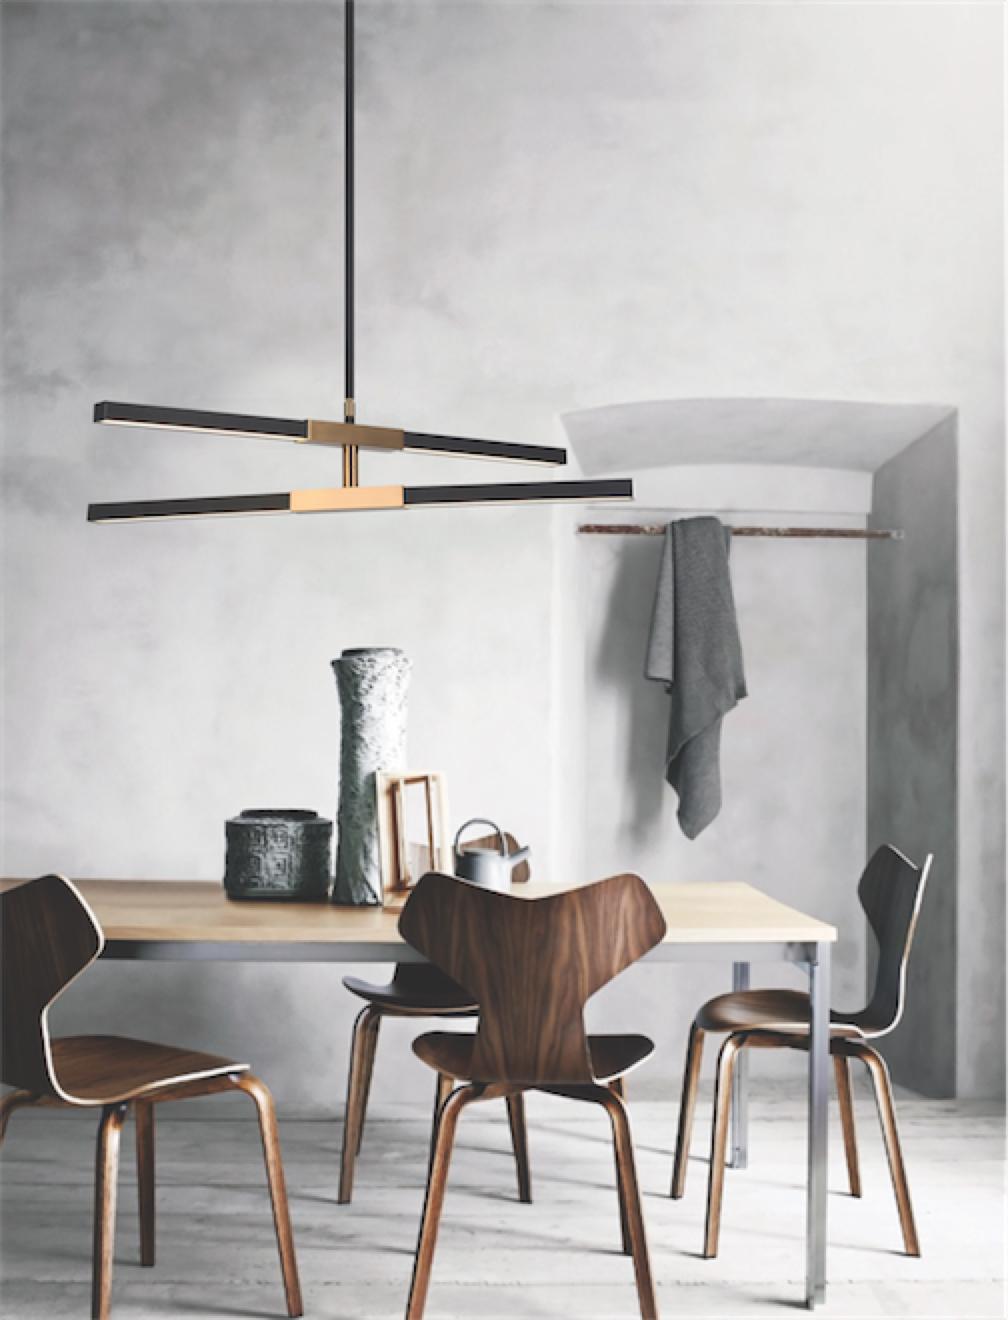 Luminaire suspendu moderne LINEARE Matteo C64738MBAG au-dessus de la table de cuisine en bois avec chaises en bois et murs de plâtre blanc